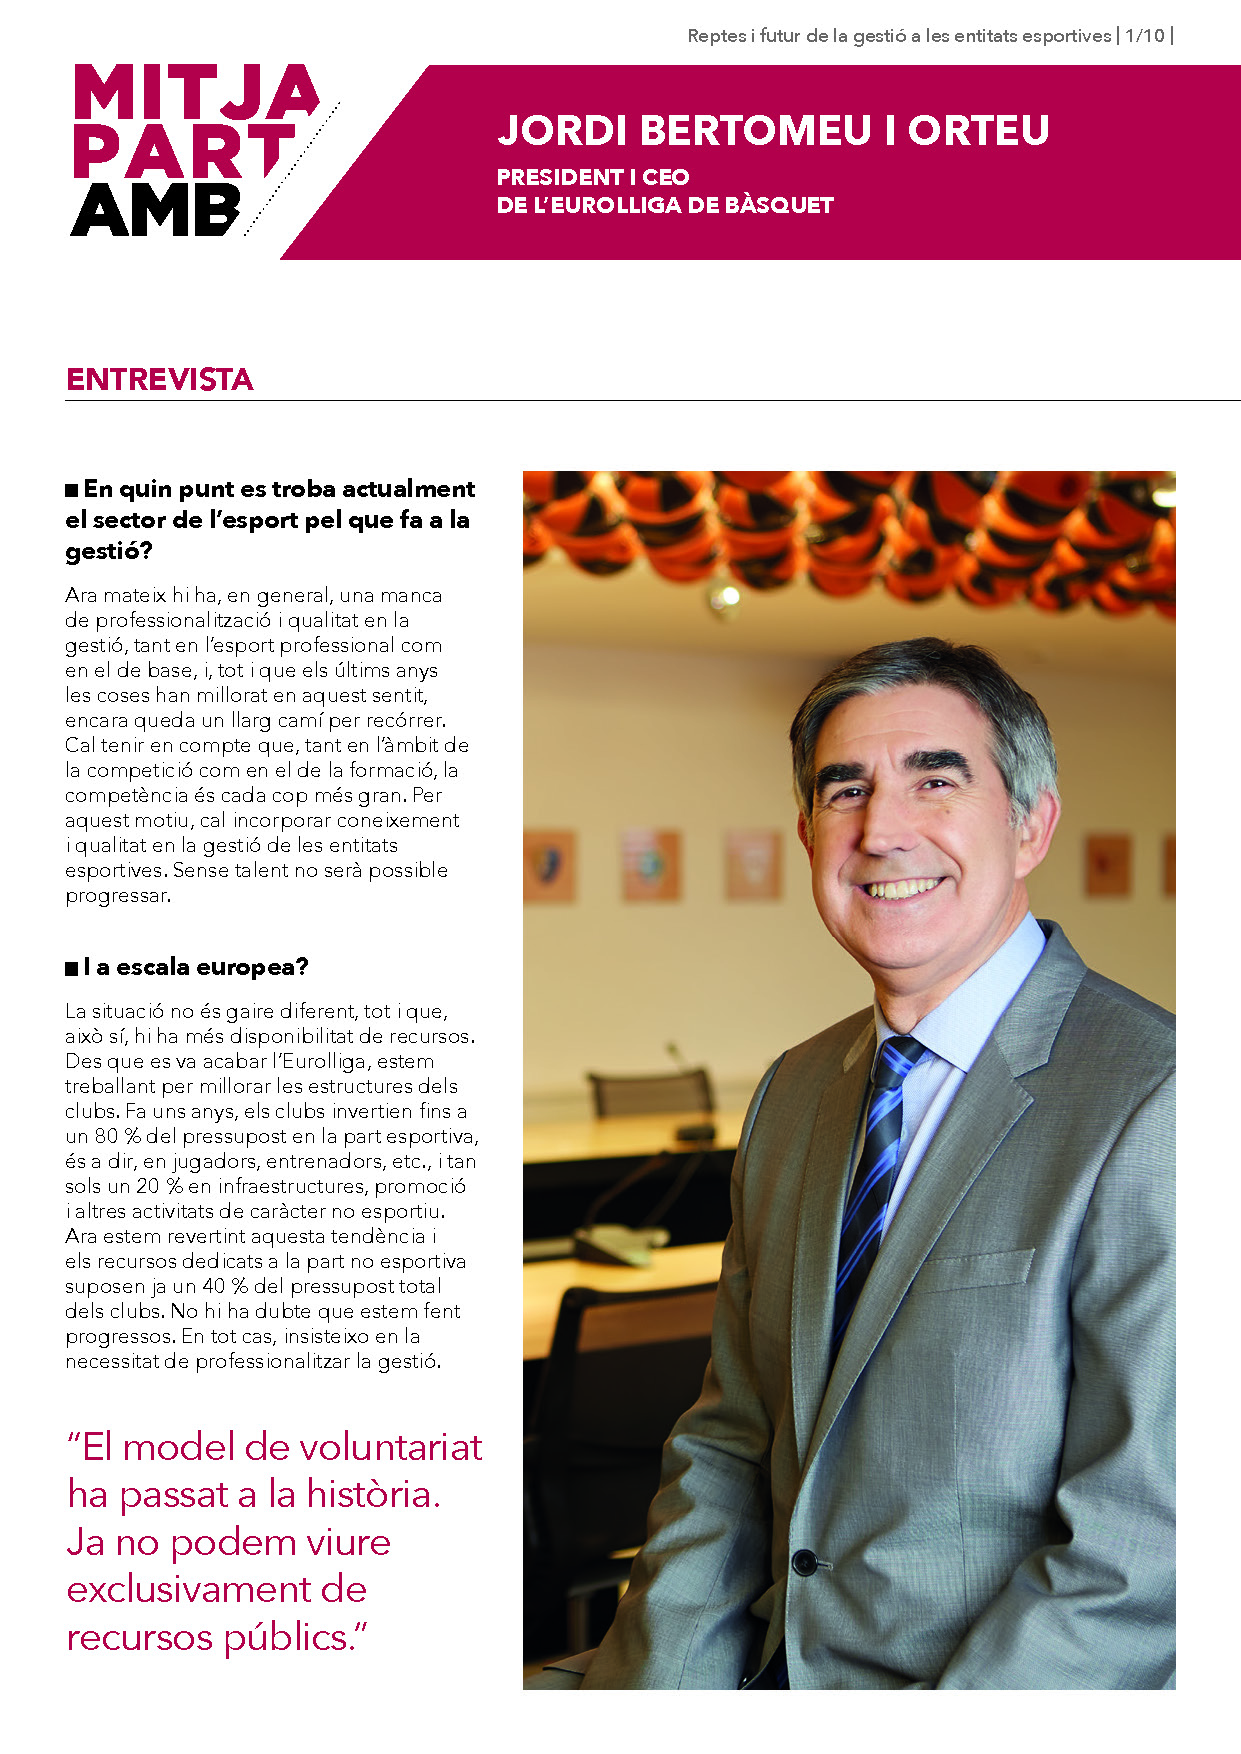 Entrevista a Jordi Bertomeu